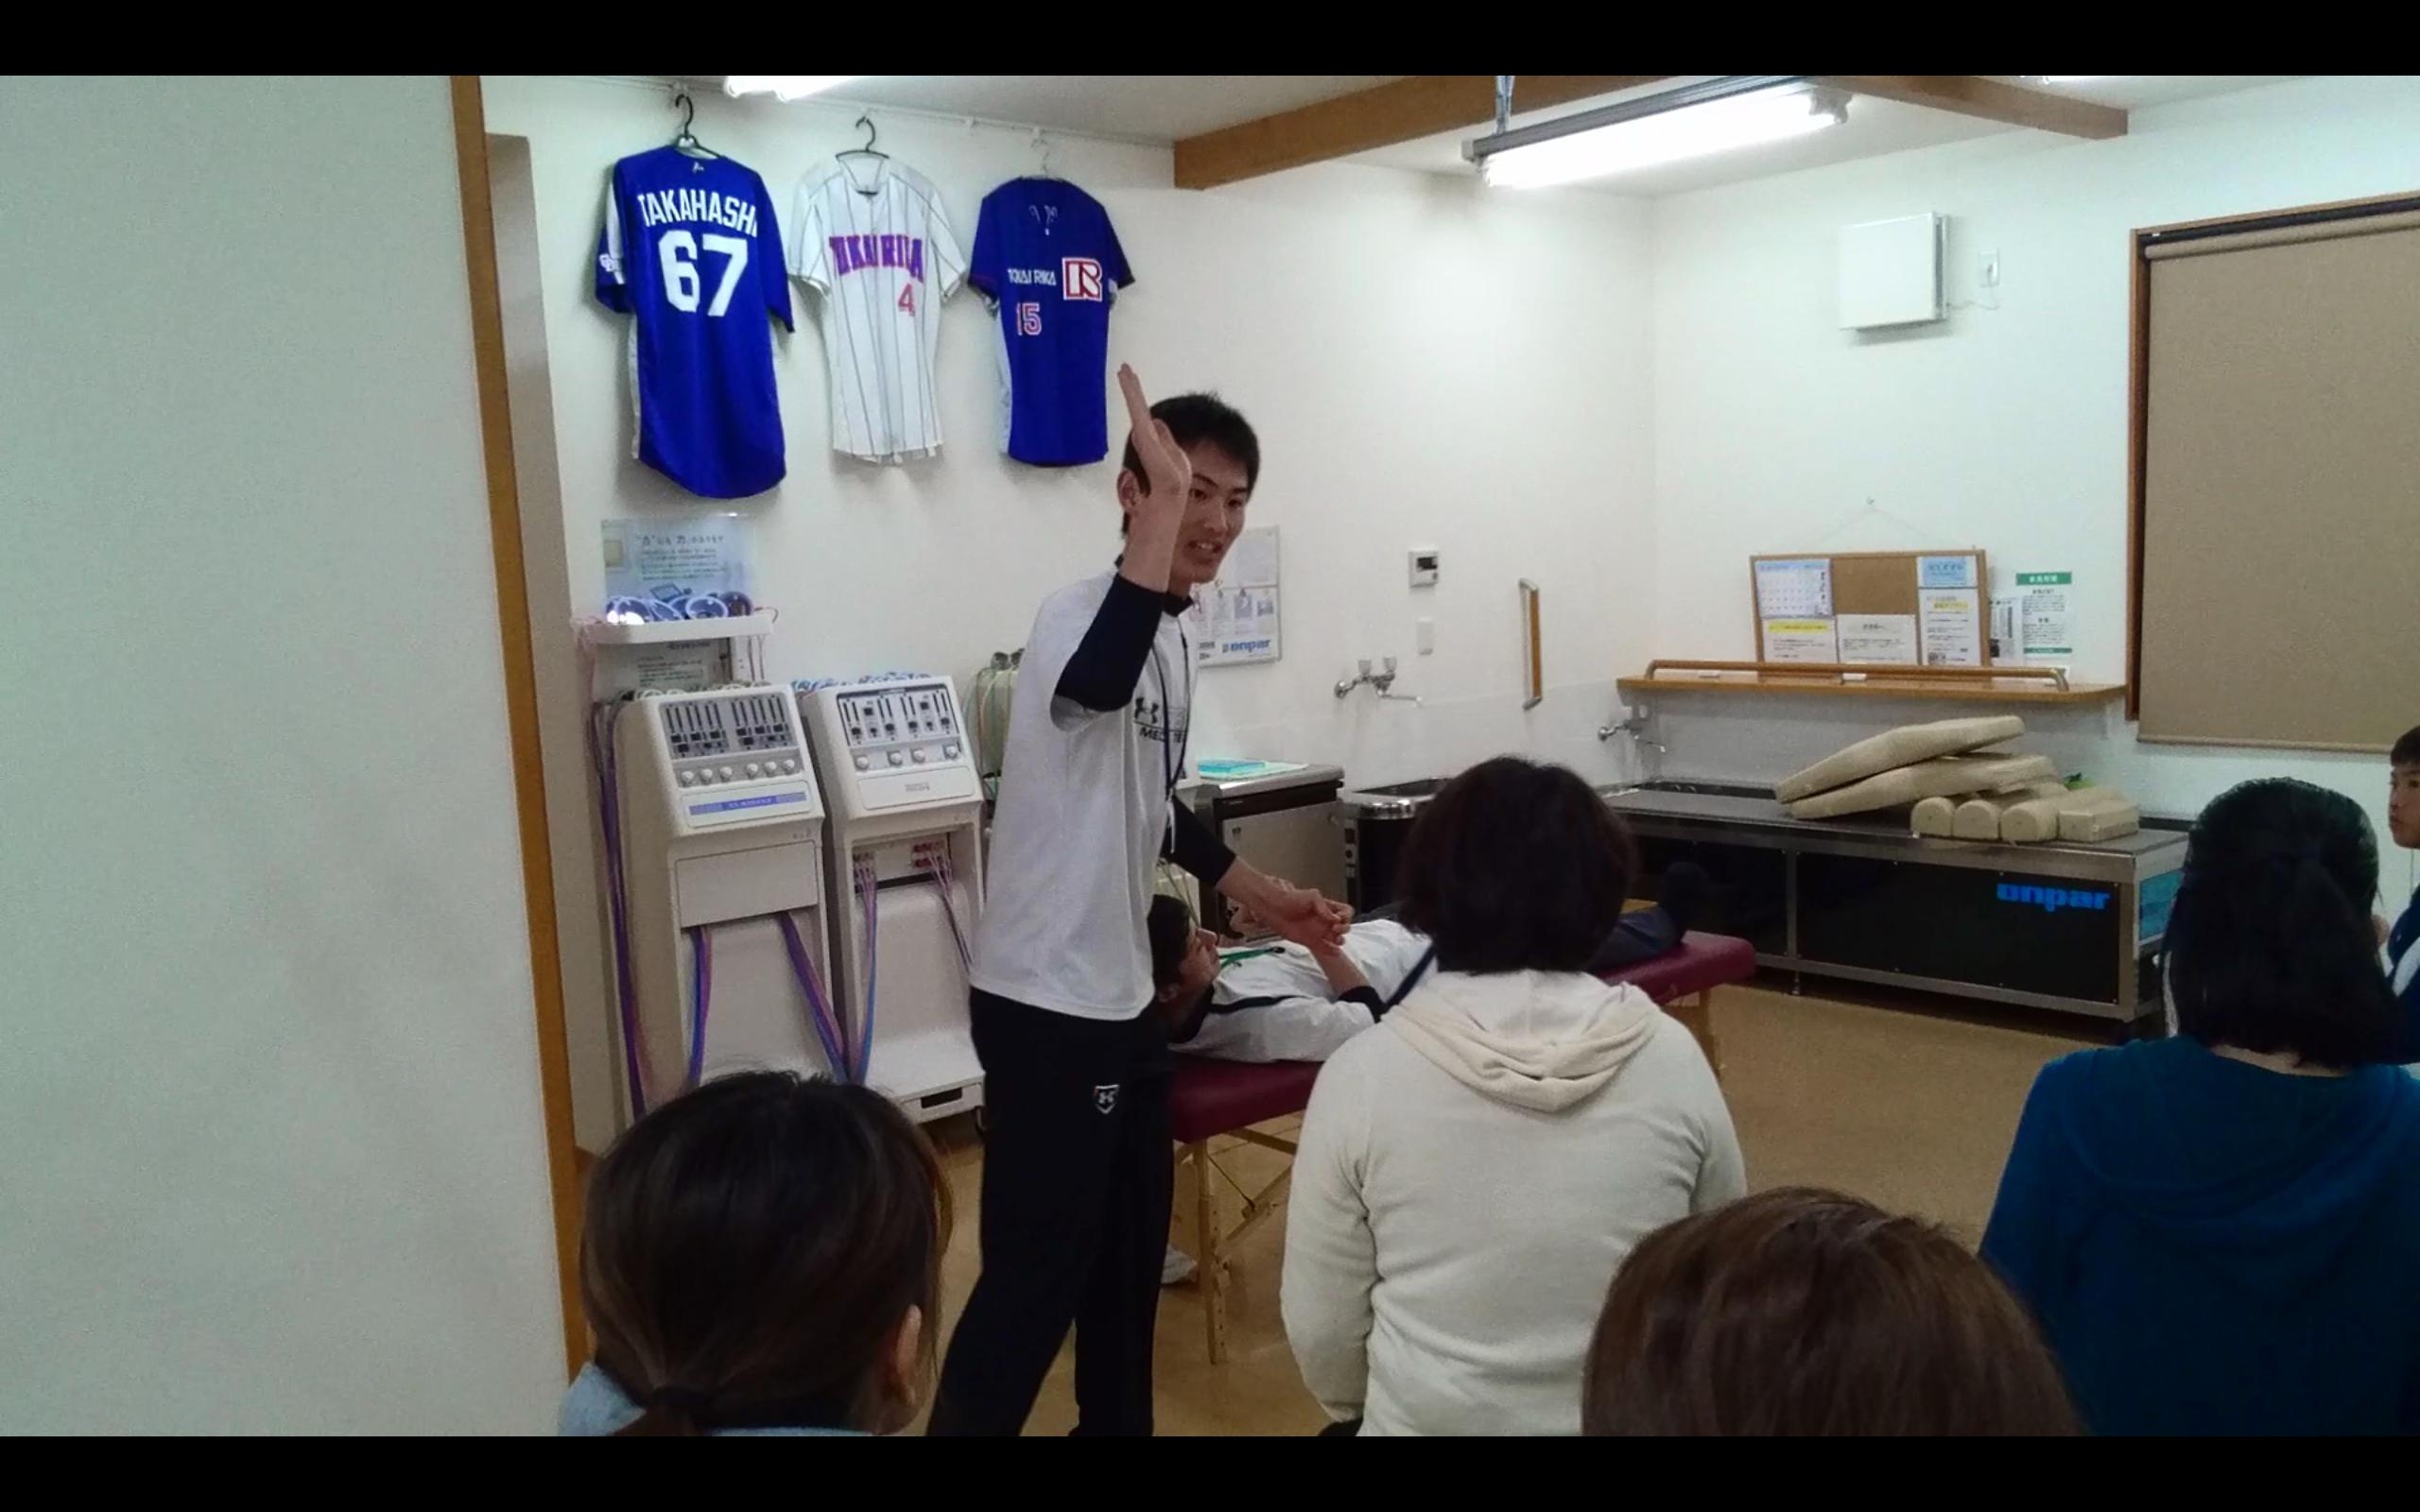 都道府県出身地別プロ野球選手〜関西地方編 - …